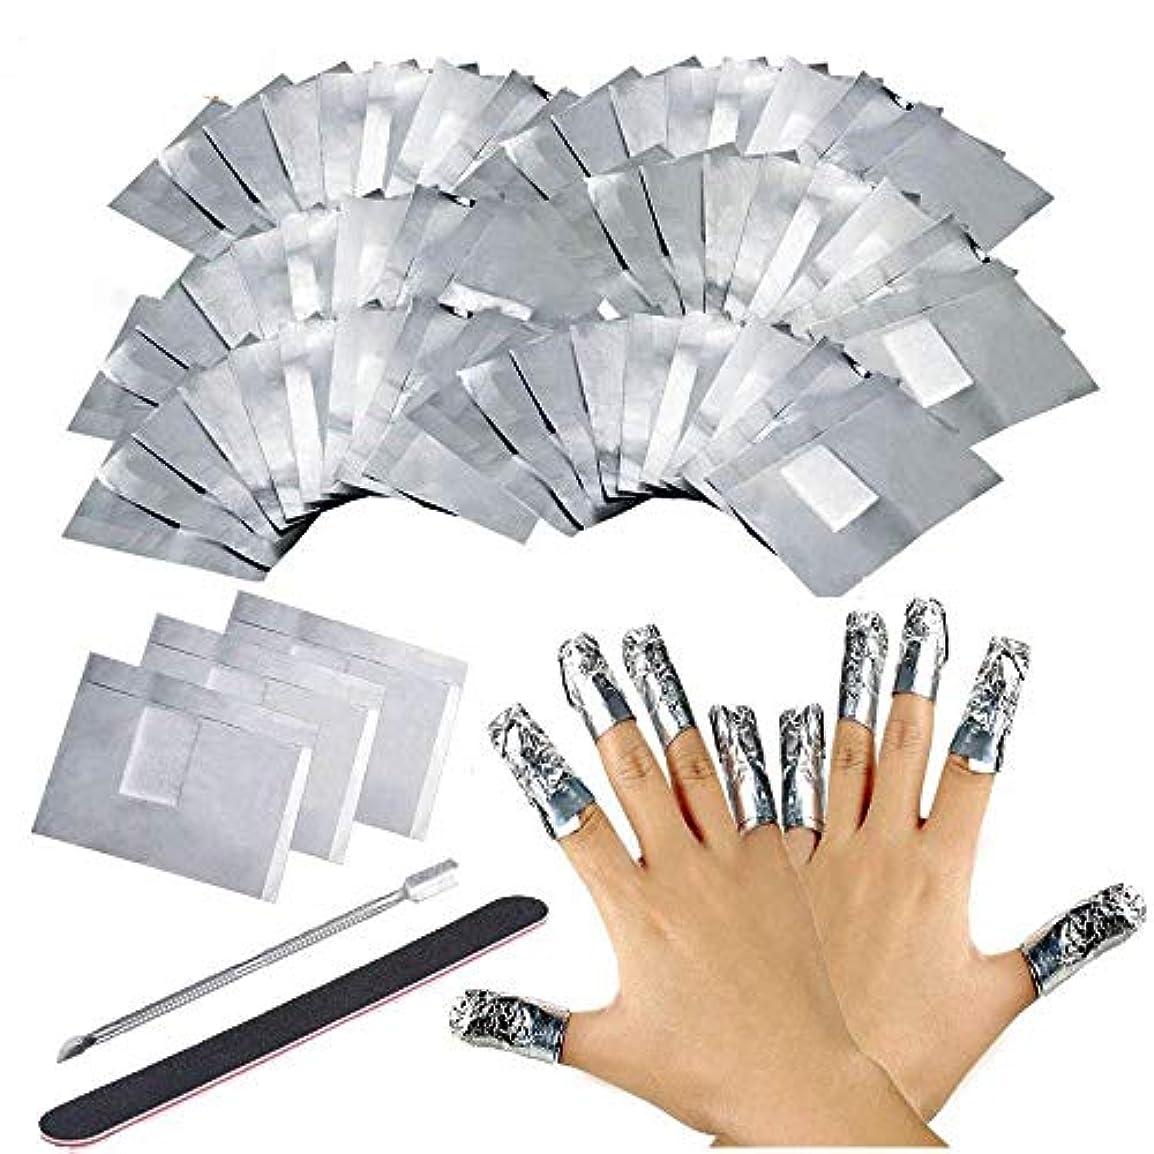 200枚 ジェルネイル リムーバー アセトン ジェル 使い捨て ネイル用品, ジェルオフリムーバー アクリルUVジェル, 付き 1本ネイルオフプッシャー そして 1本 ネイルファイル